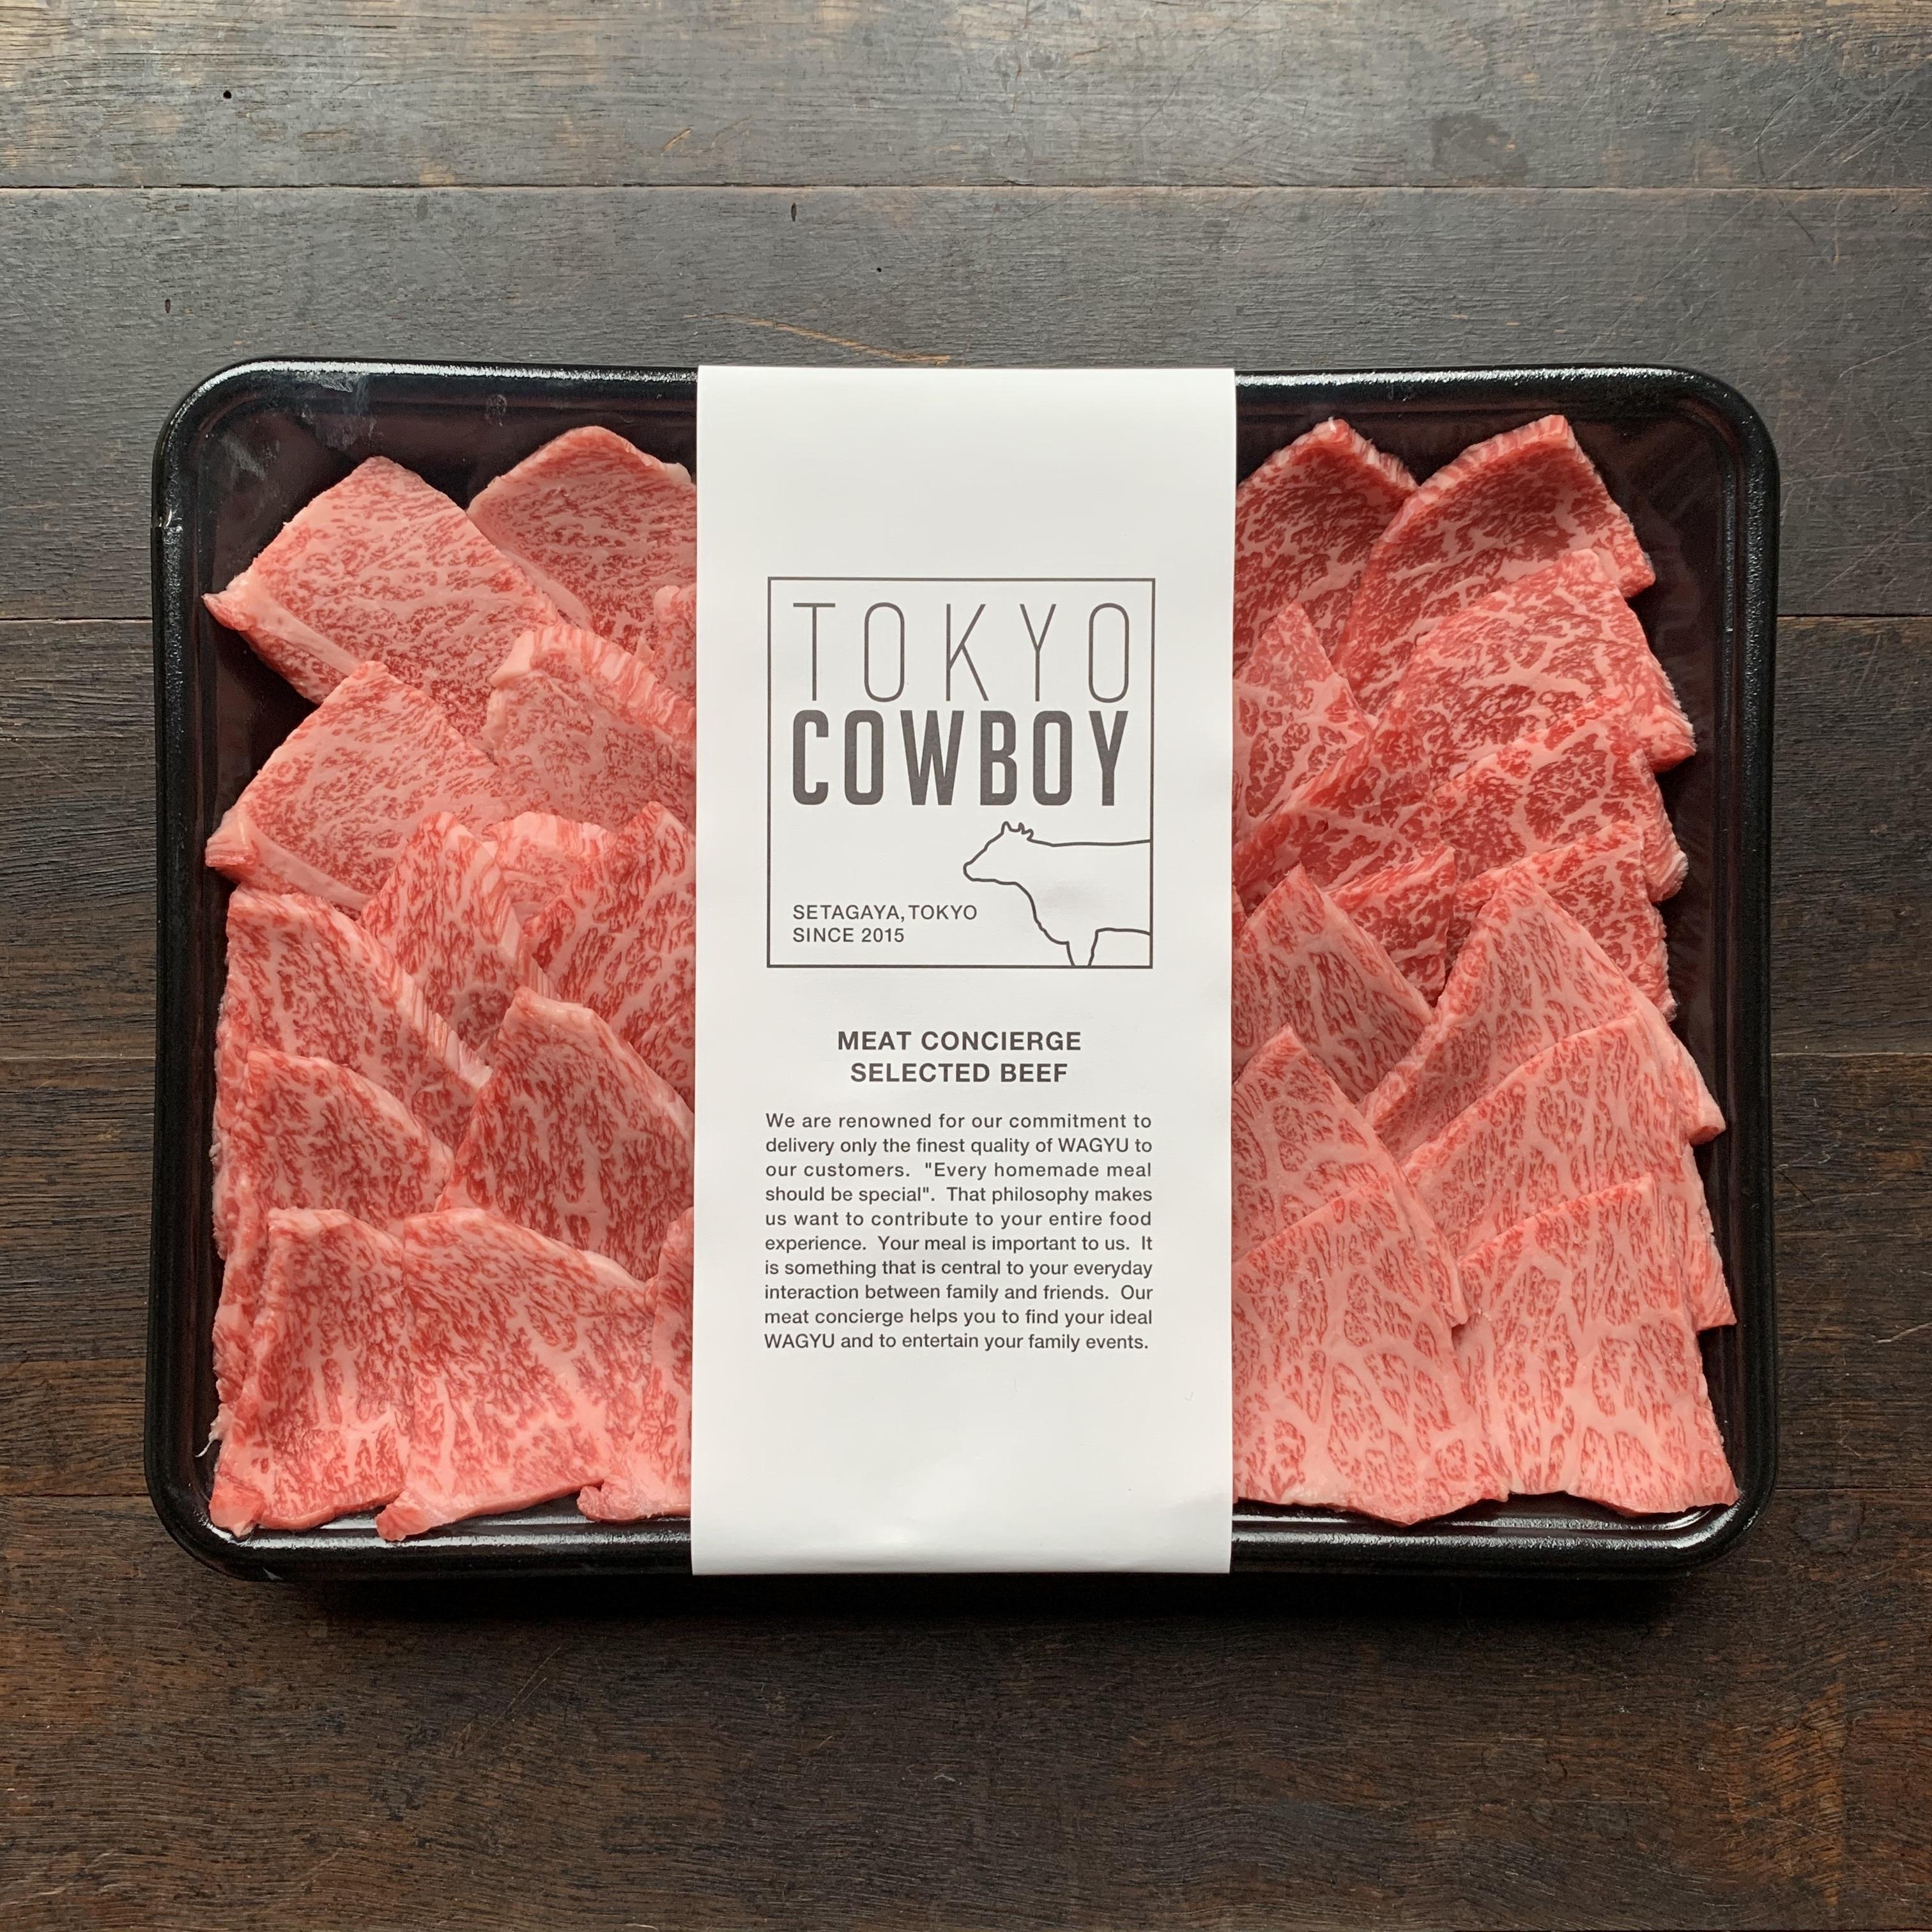 和牛焼肉カット4種食べ比べセット(500g相当)